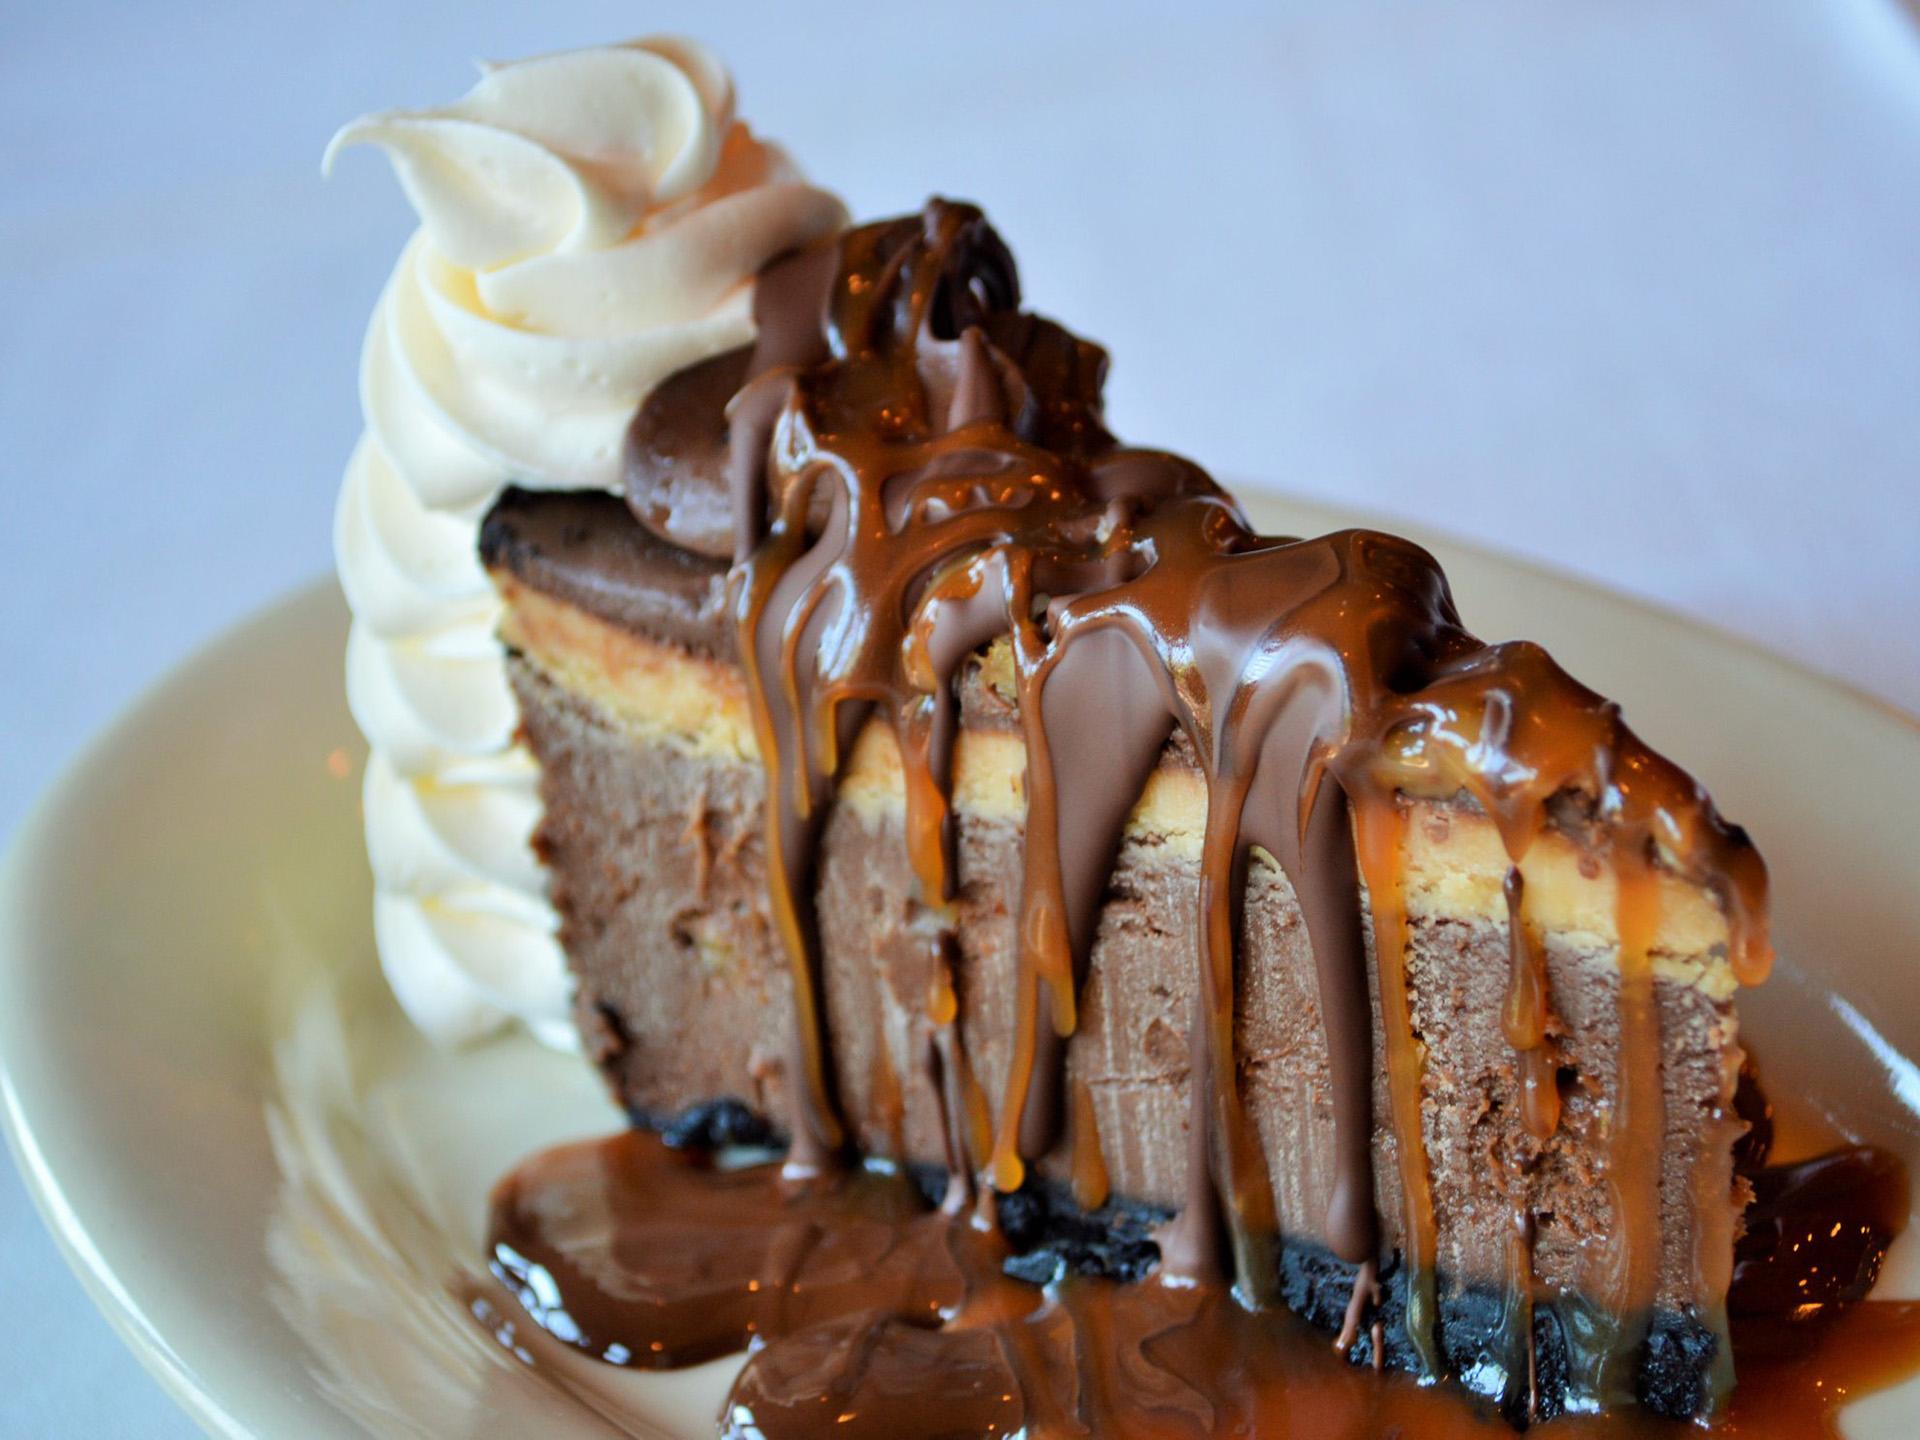 Cheesecake- 1920